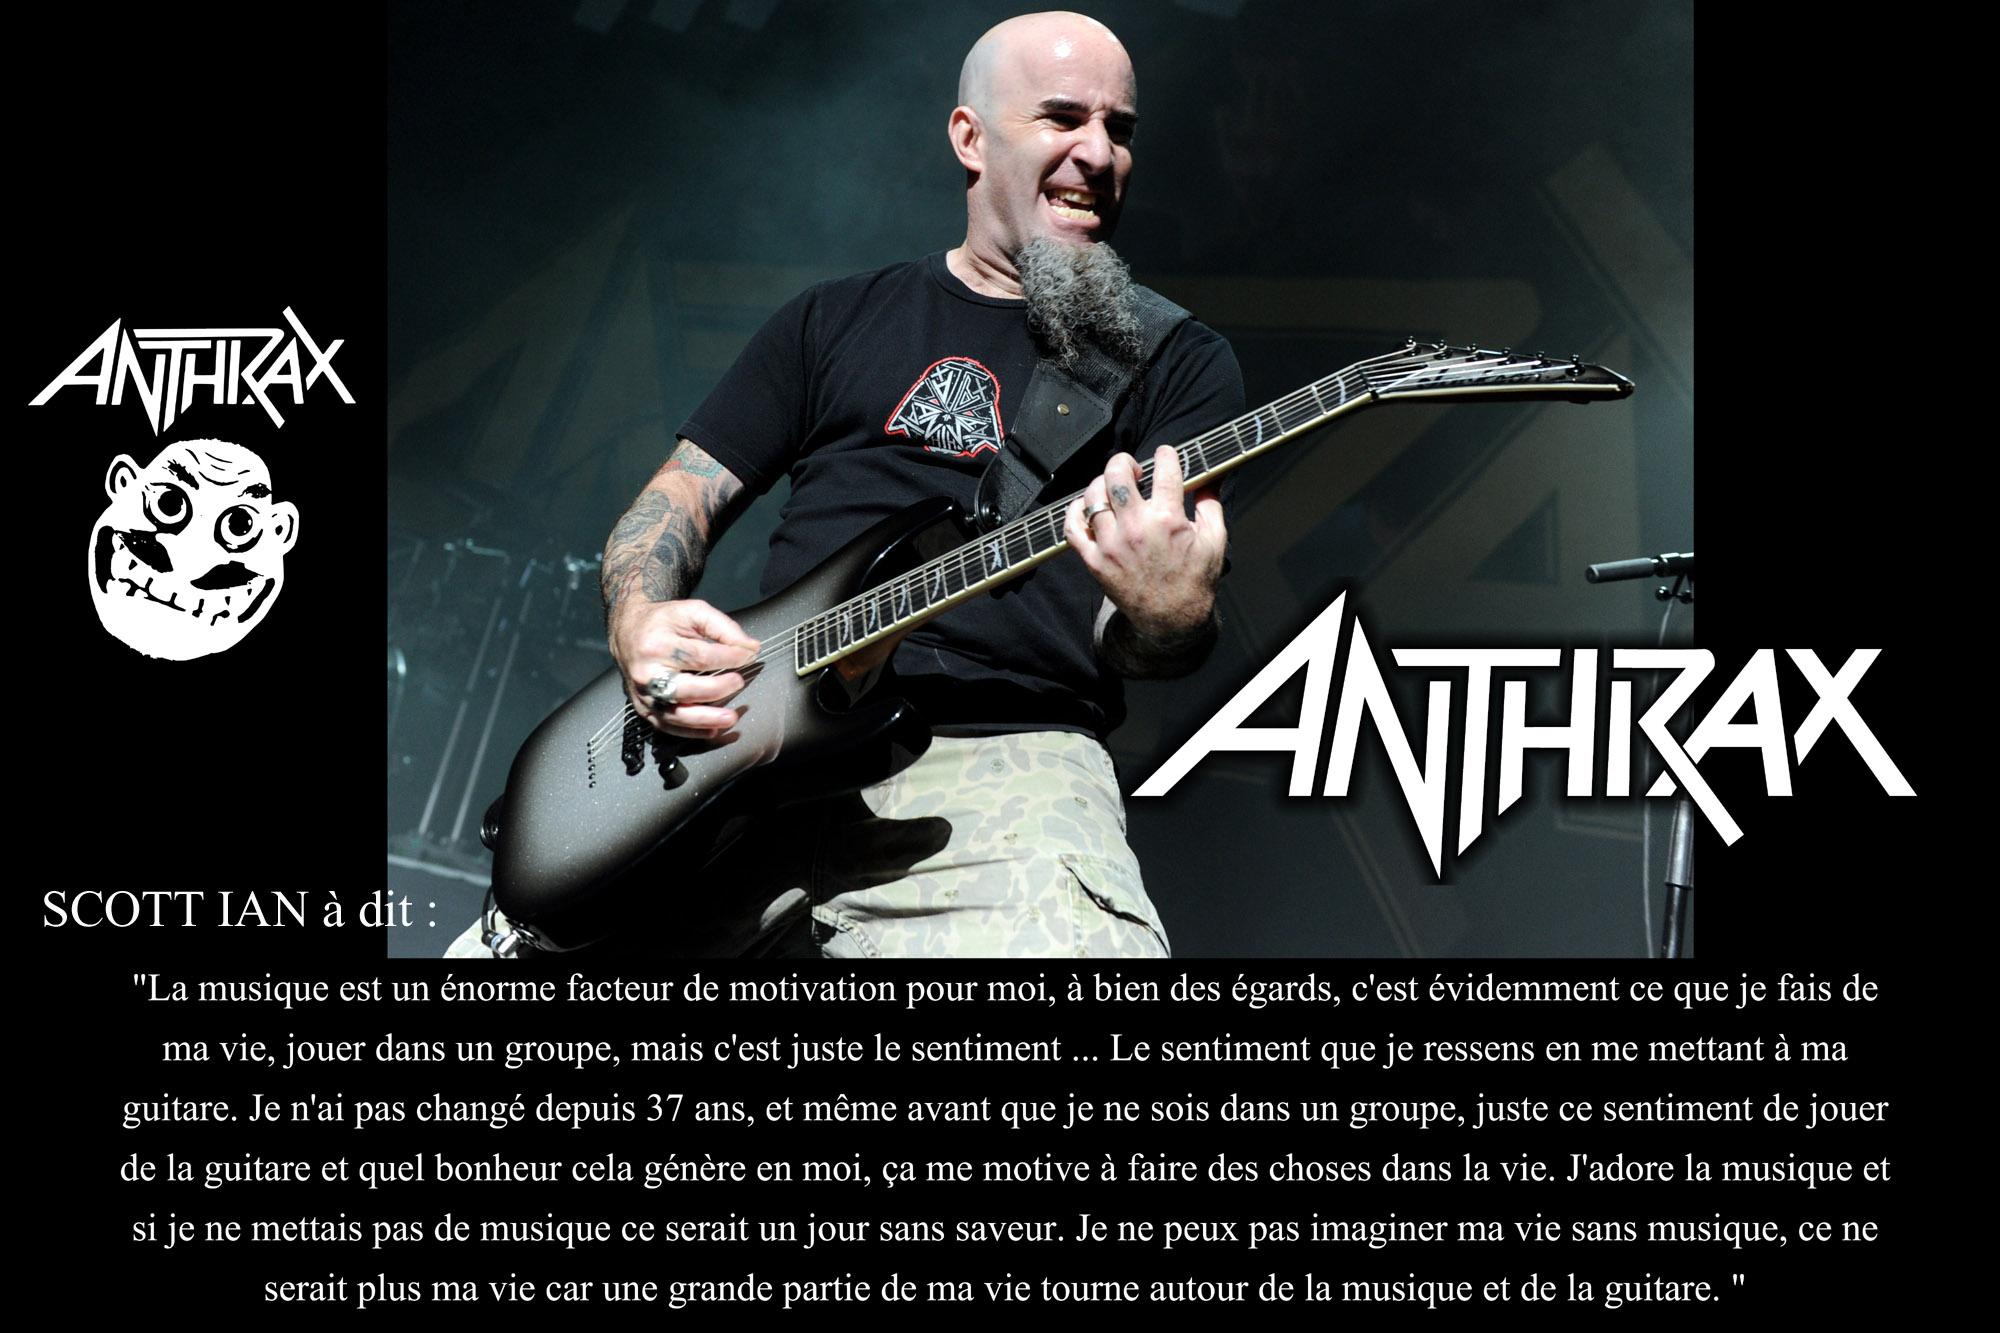 SCOTT IAN a dit ... sur l'impact de la musique sur lui. Anthra11